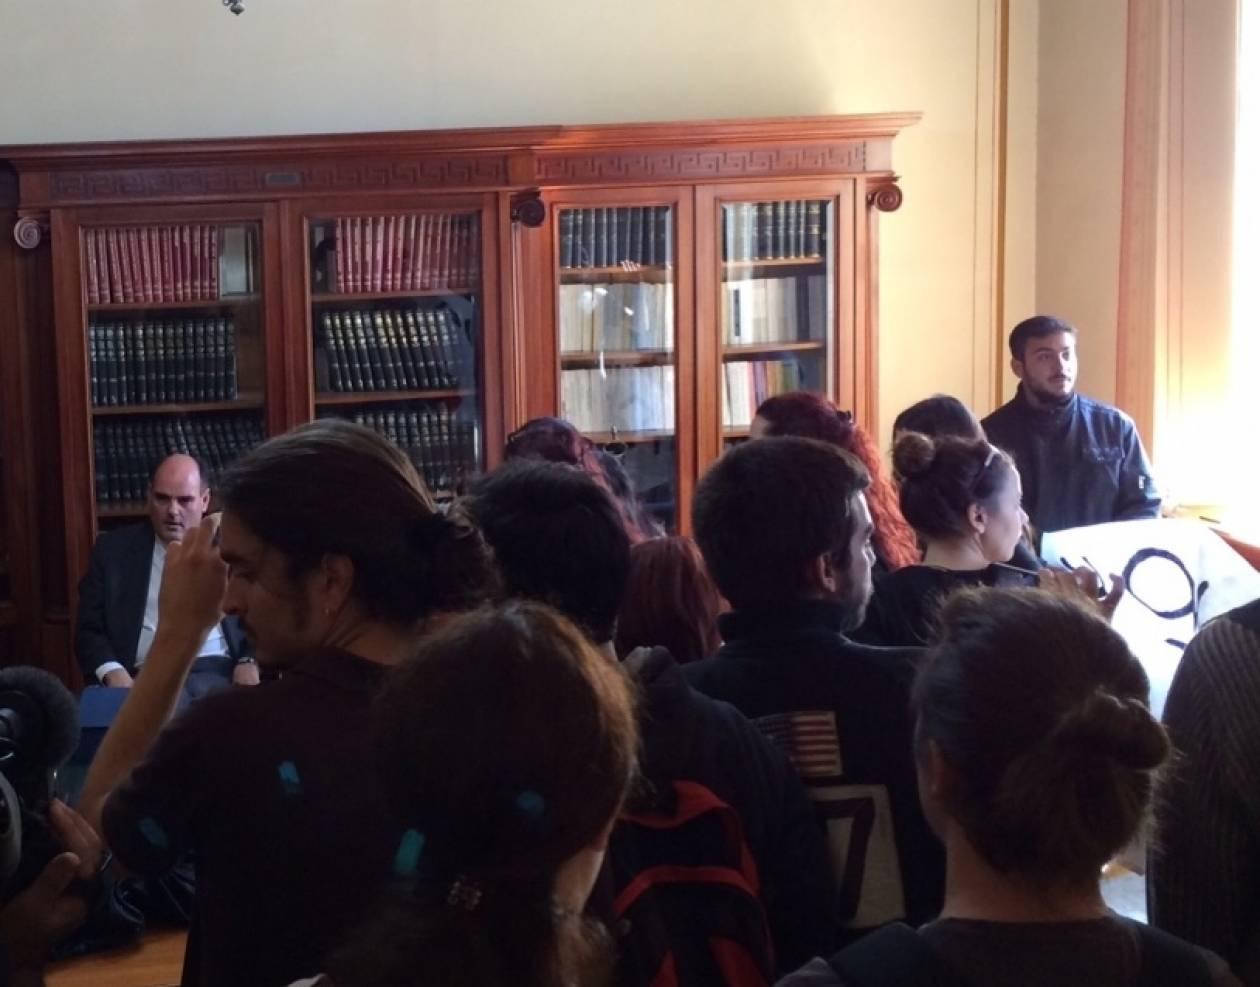 Διάλογος Φορτσάκη με φοιτητές που μπήκαν στο γραφείο του